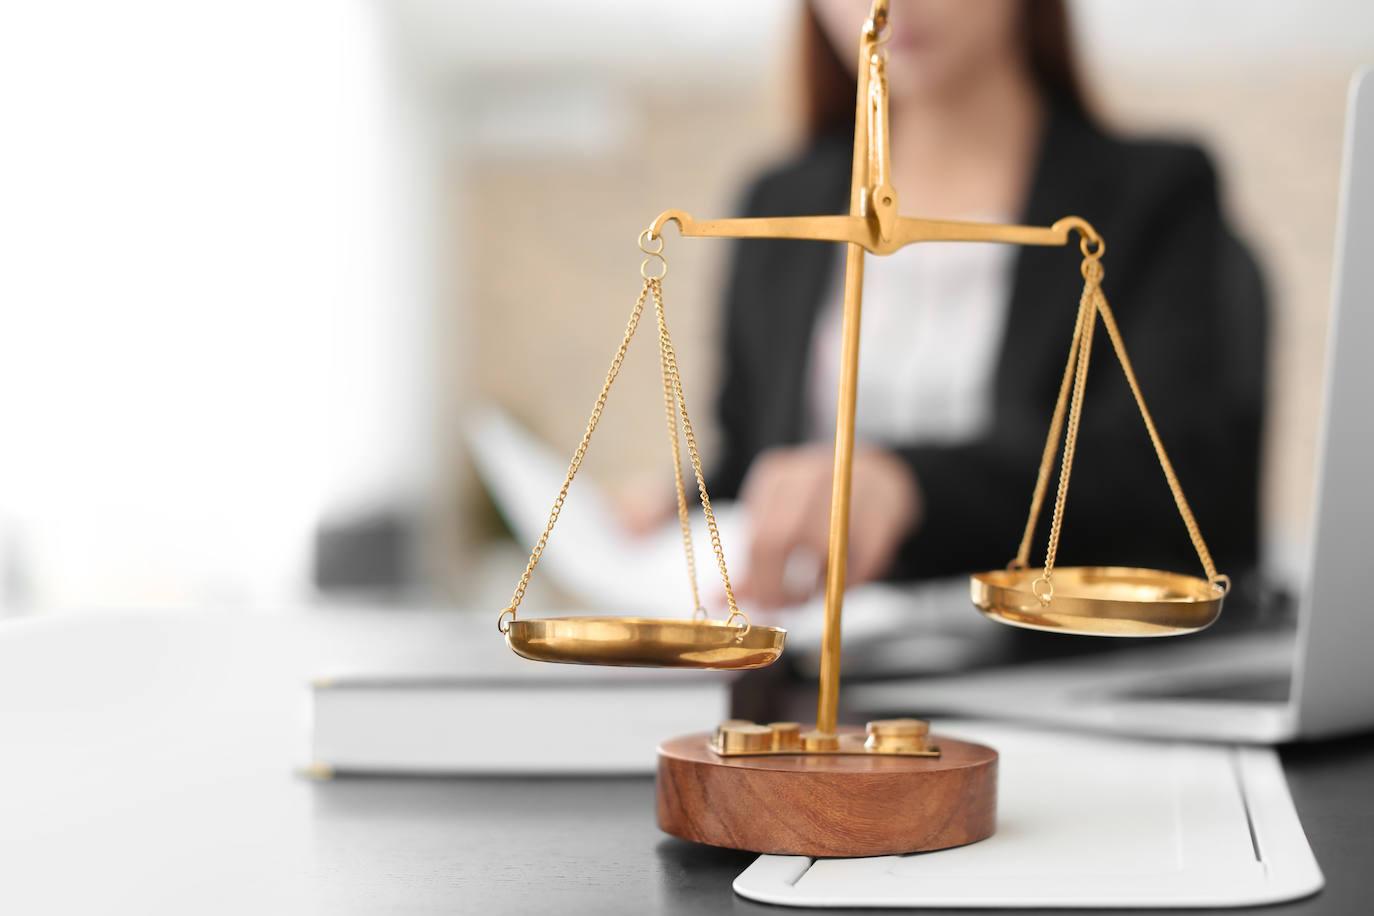 120 euros por insultar a su vecino, las goteras de la discordia y otros casos que resuelven los juzgados de paz